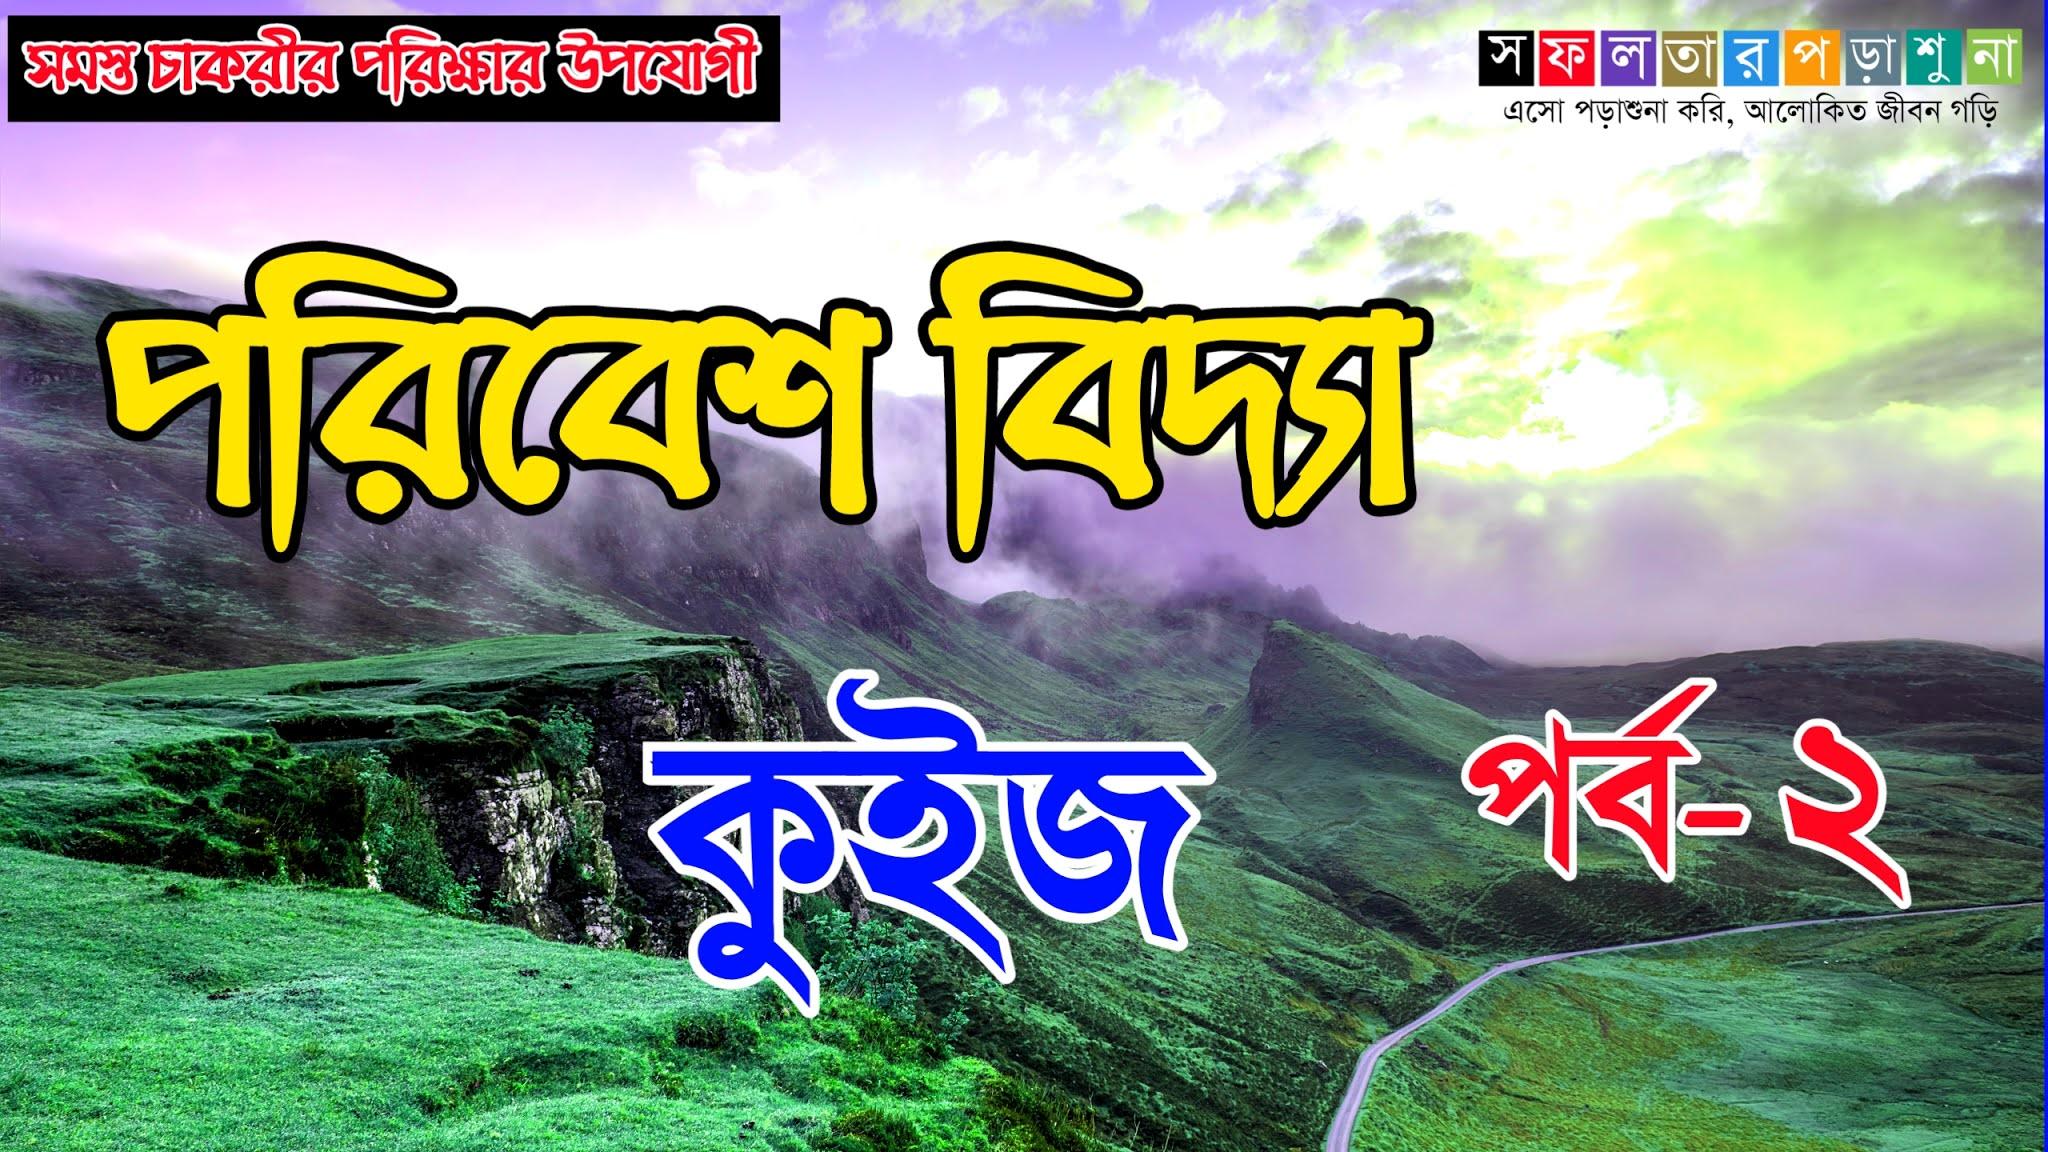 পরিবেশ বিদ্যা অনলাইন মকটেস্ট (পর্ব ২) - Online Mocktest On Environmental Studies in Bengali For All Competitive Exam